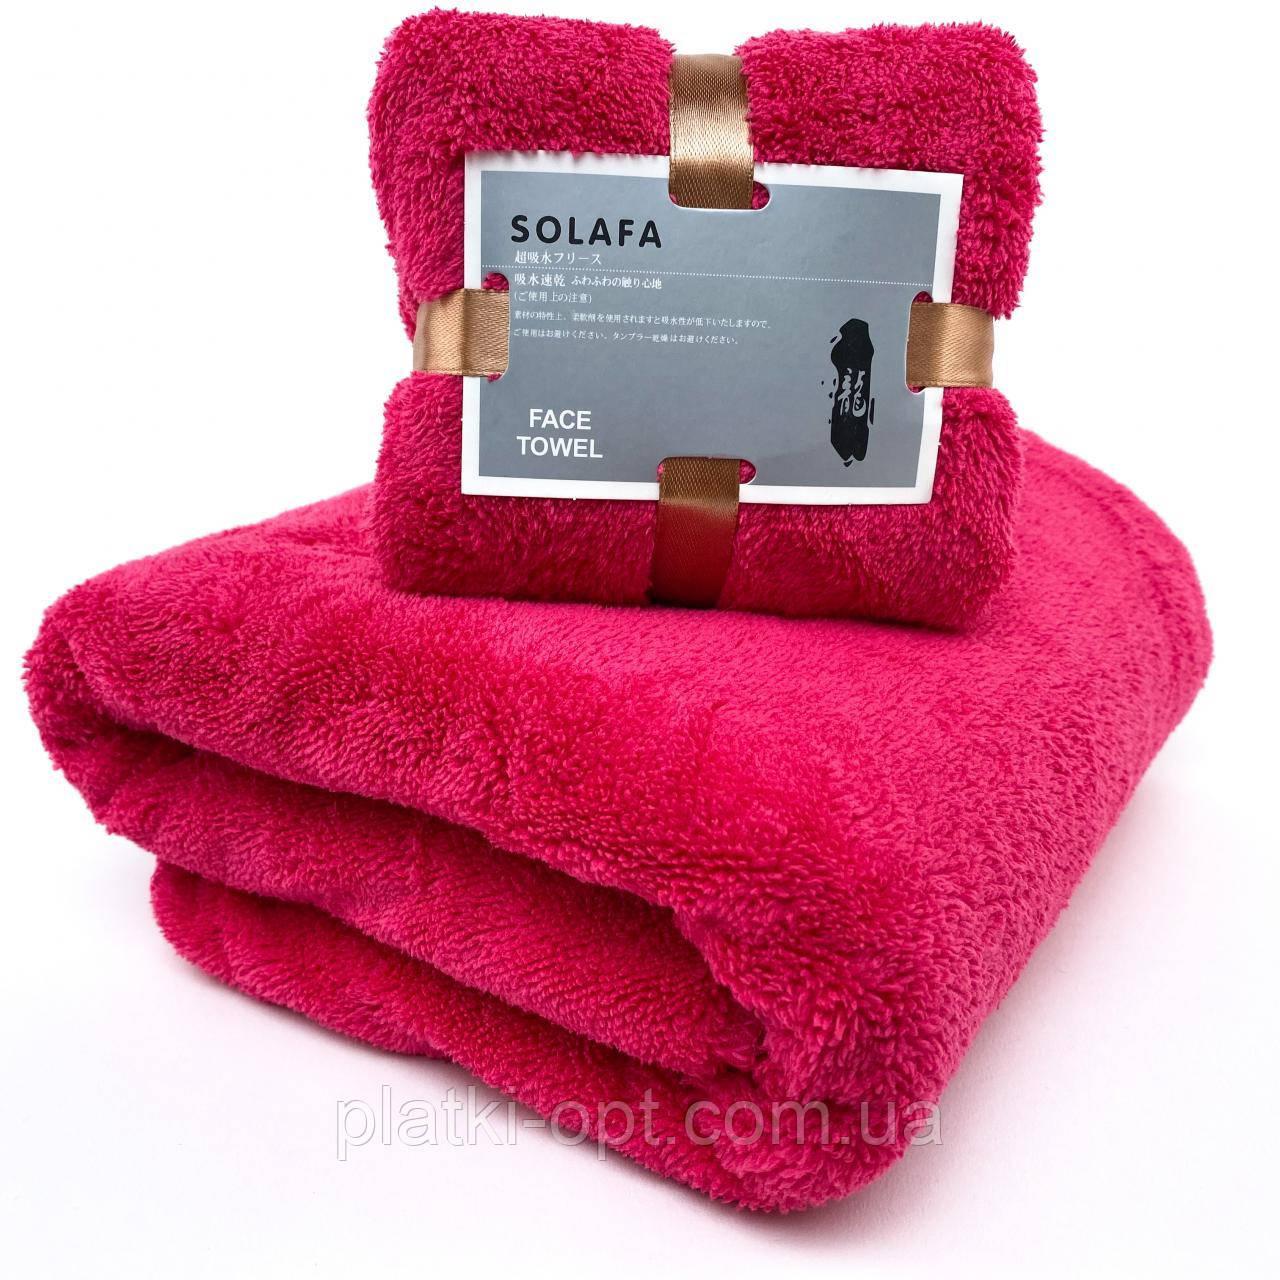 Комплект полотенец однотонный Solafa (микрофибра) розовый